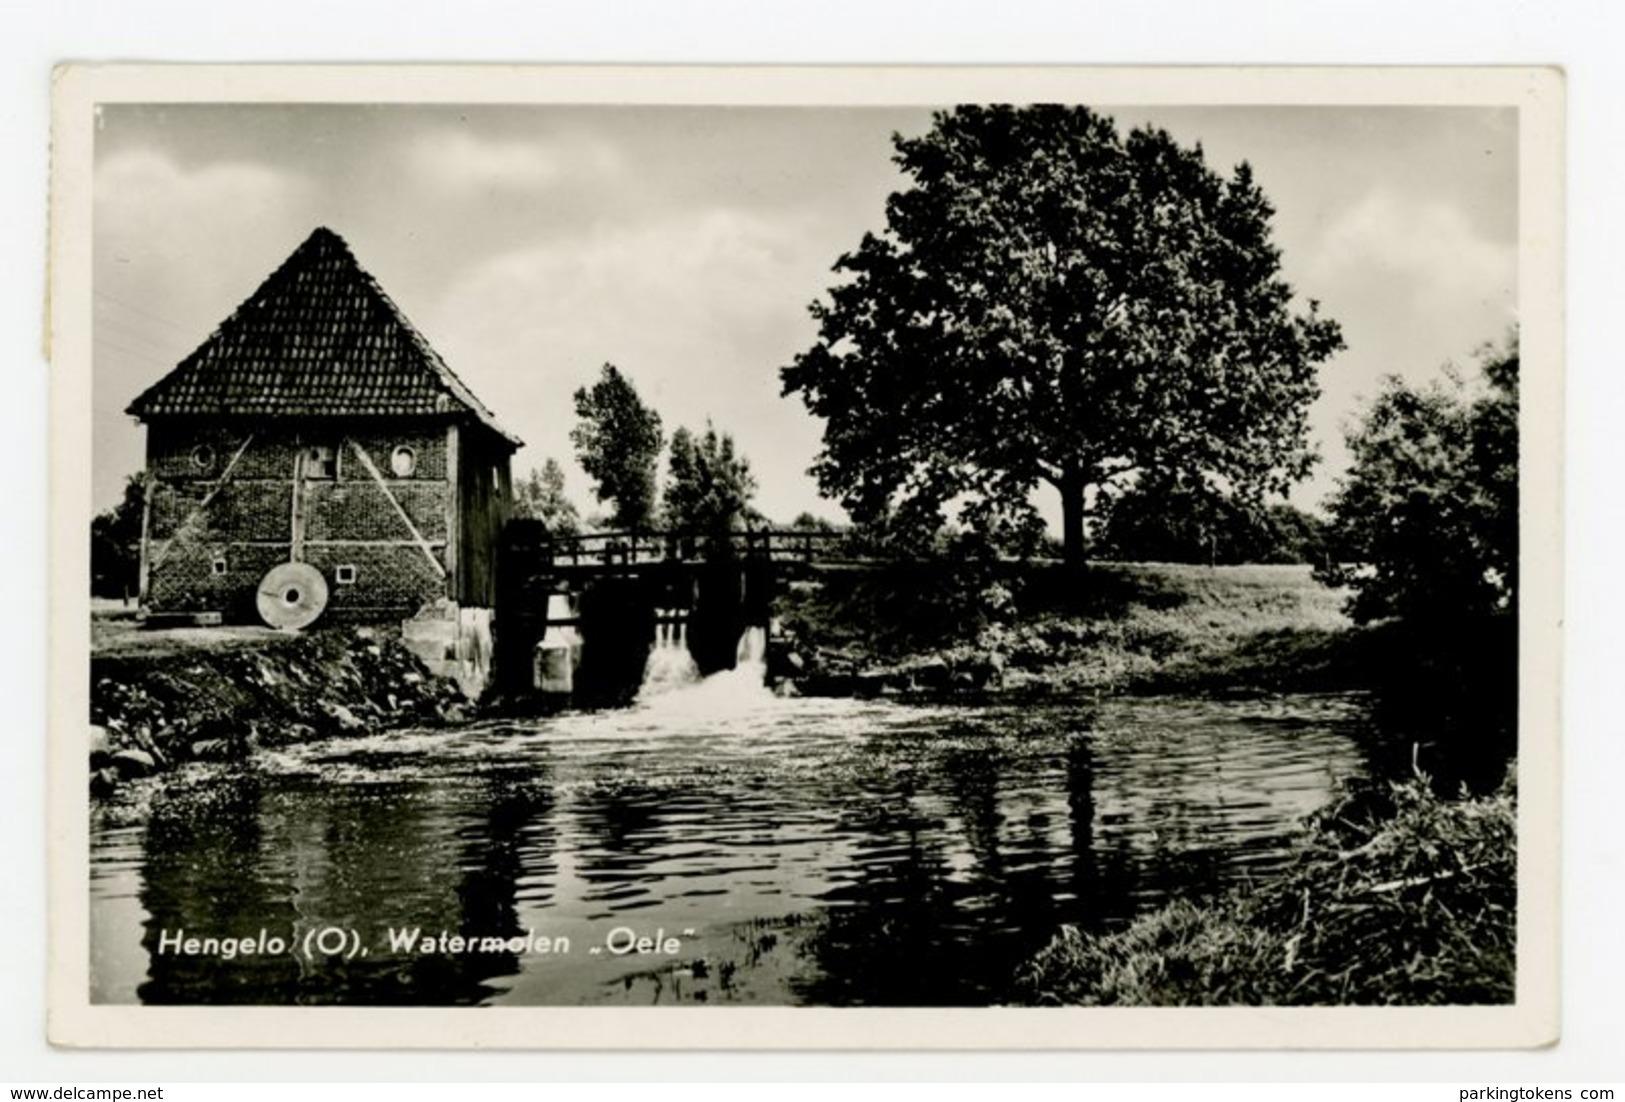 D126 - Hengelo Watermolen Oele - Molen - Moulin - Mill - Mühle - Hengelo (Ov)